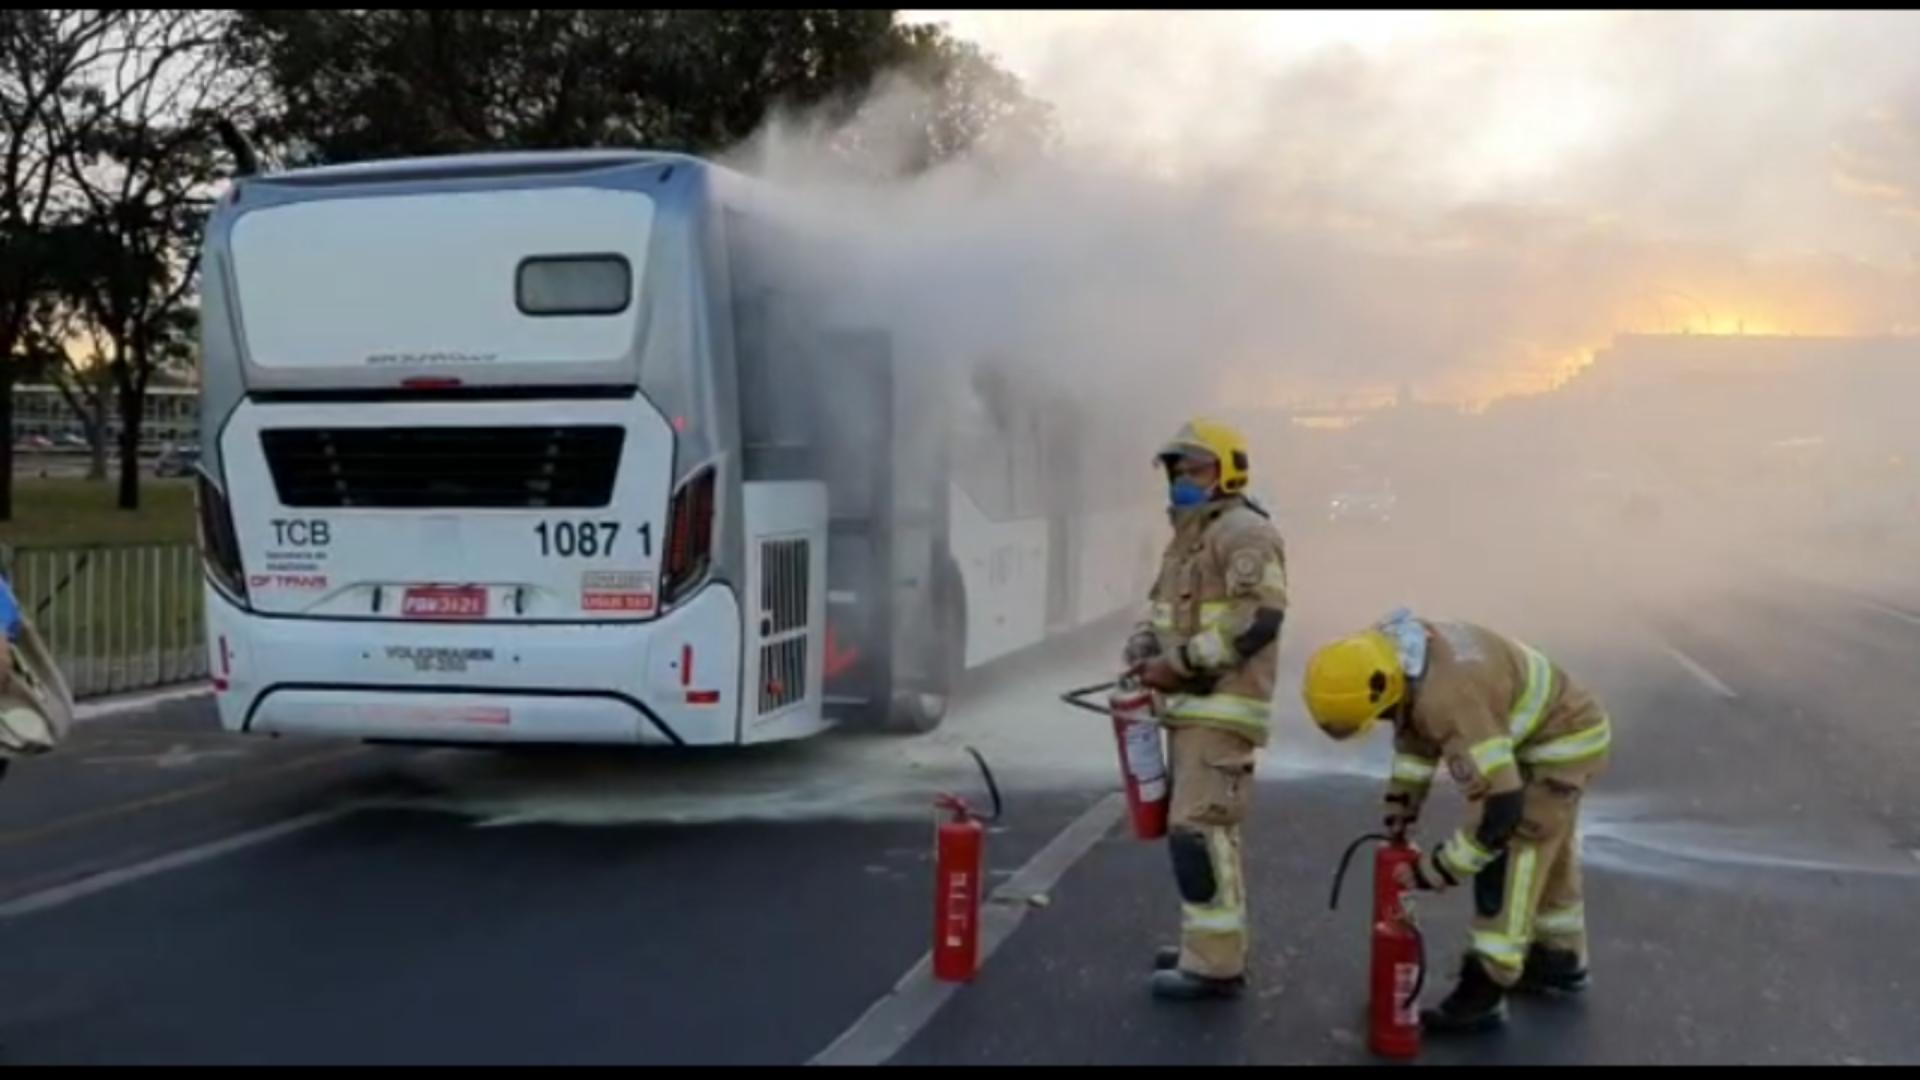 Justiça manda soltar homem que incendiou ônibus em frente ao Planalto